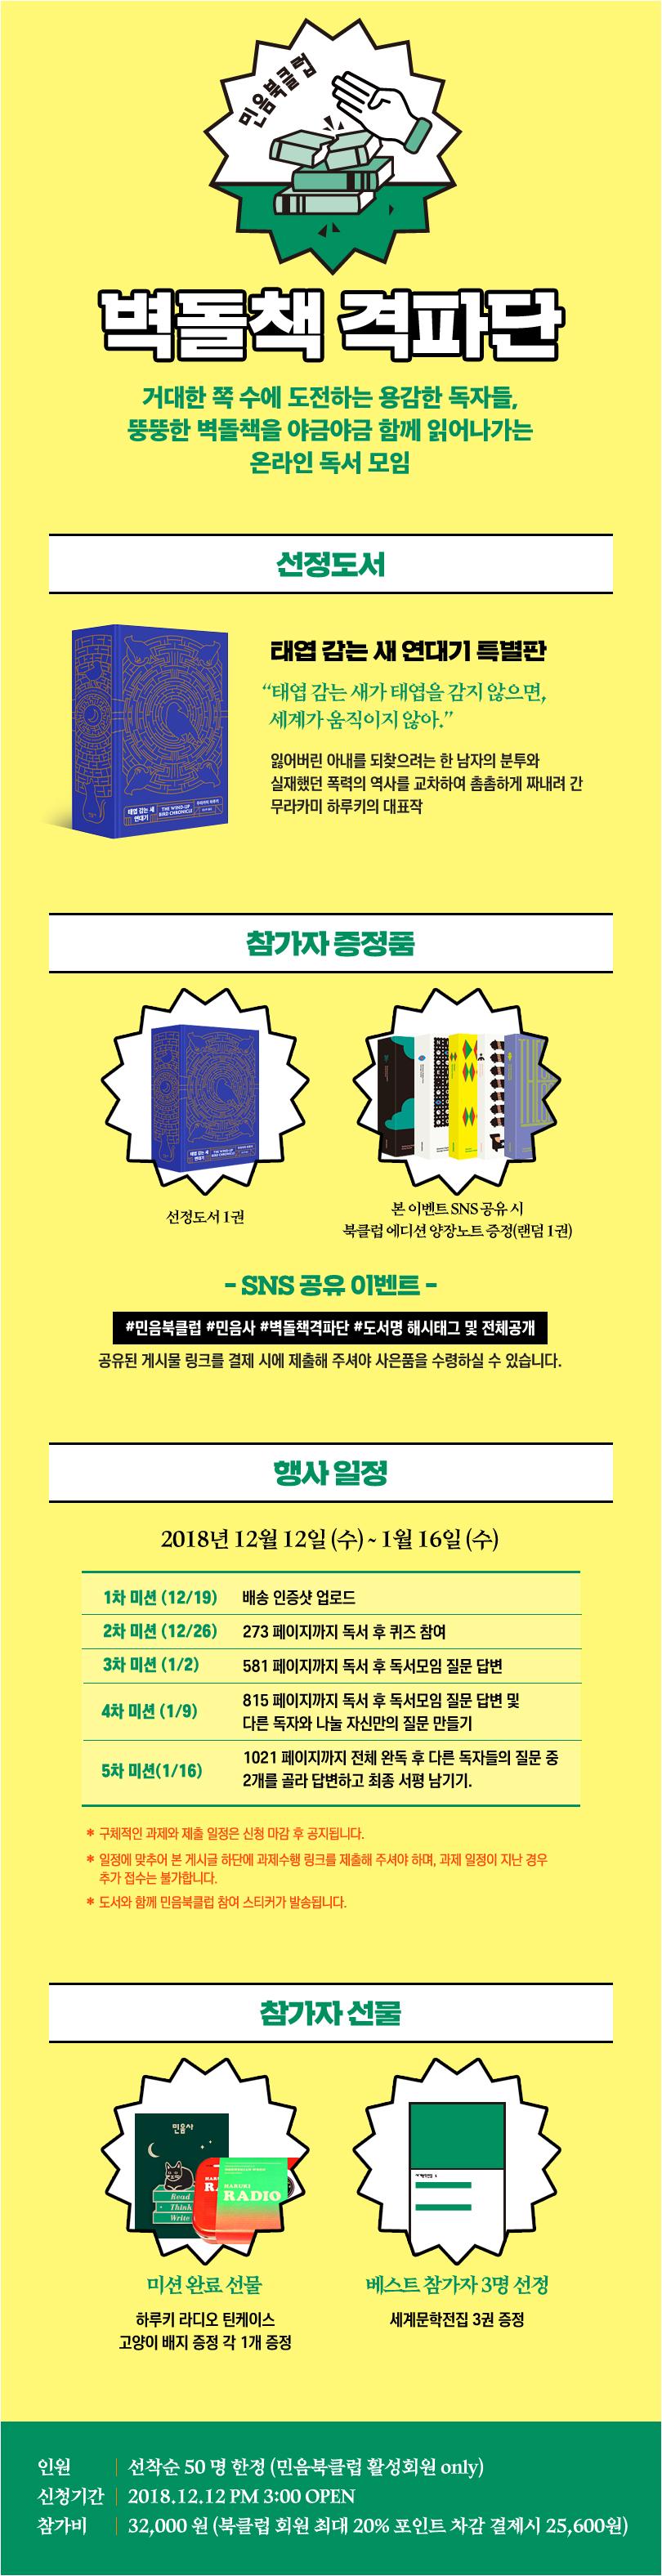 810_민음북클럽_벽돌책격파단_02 (2)